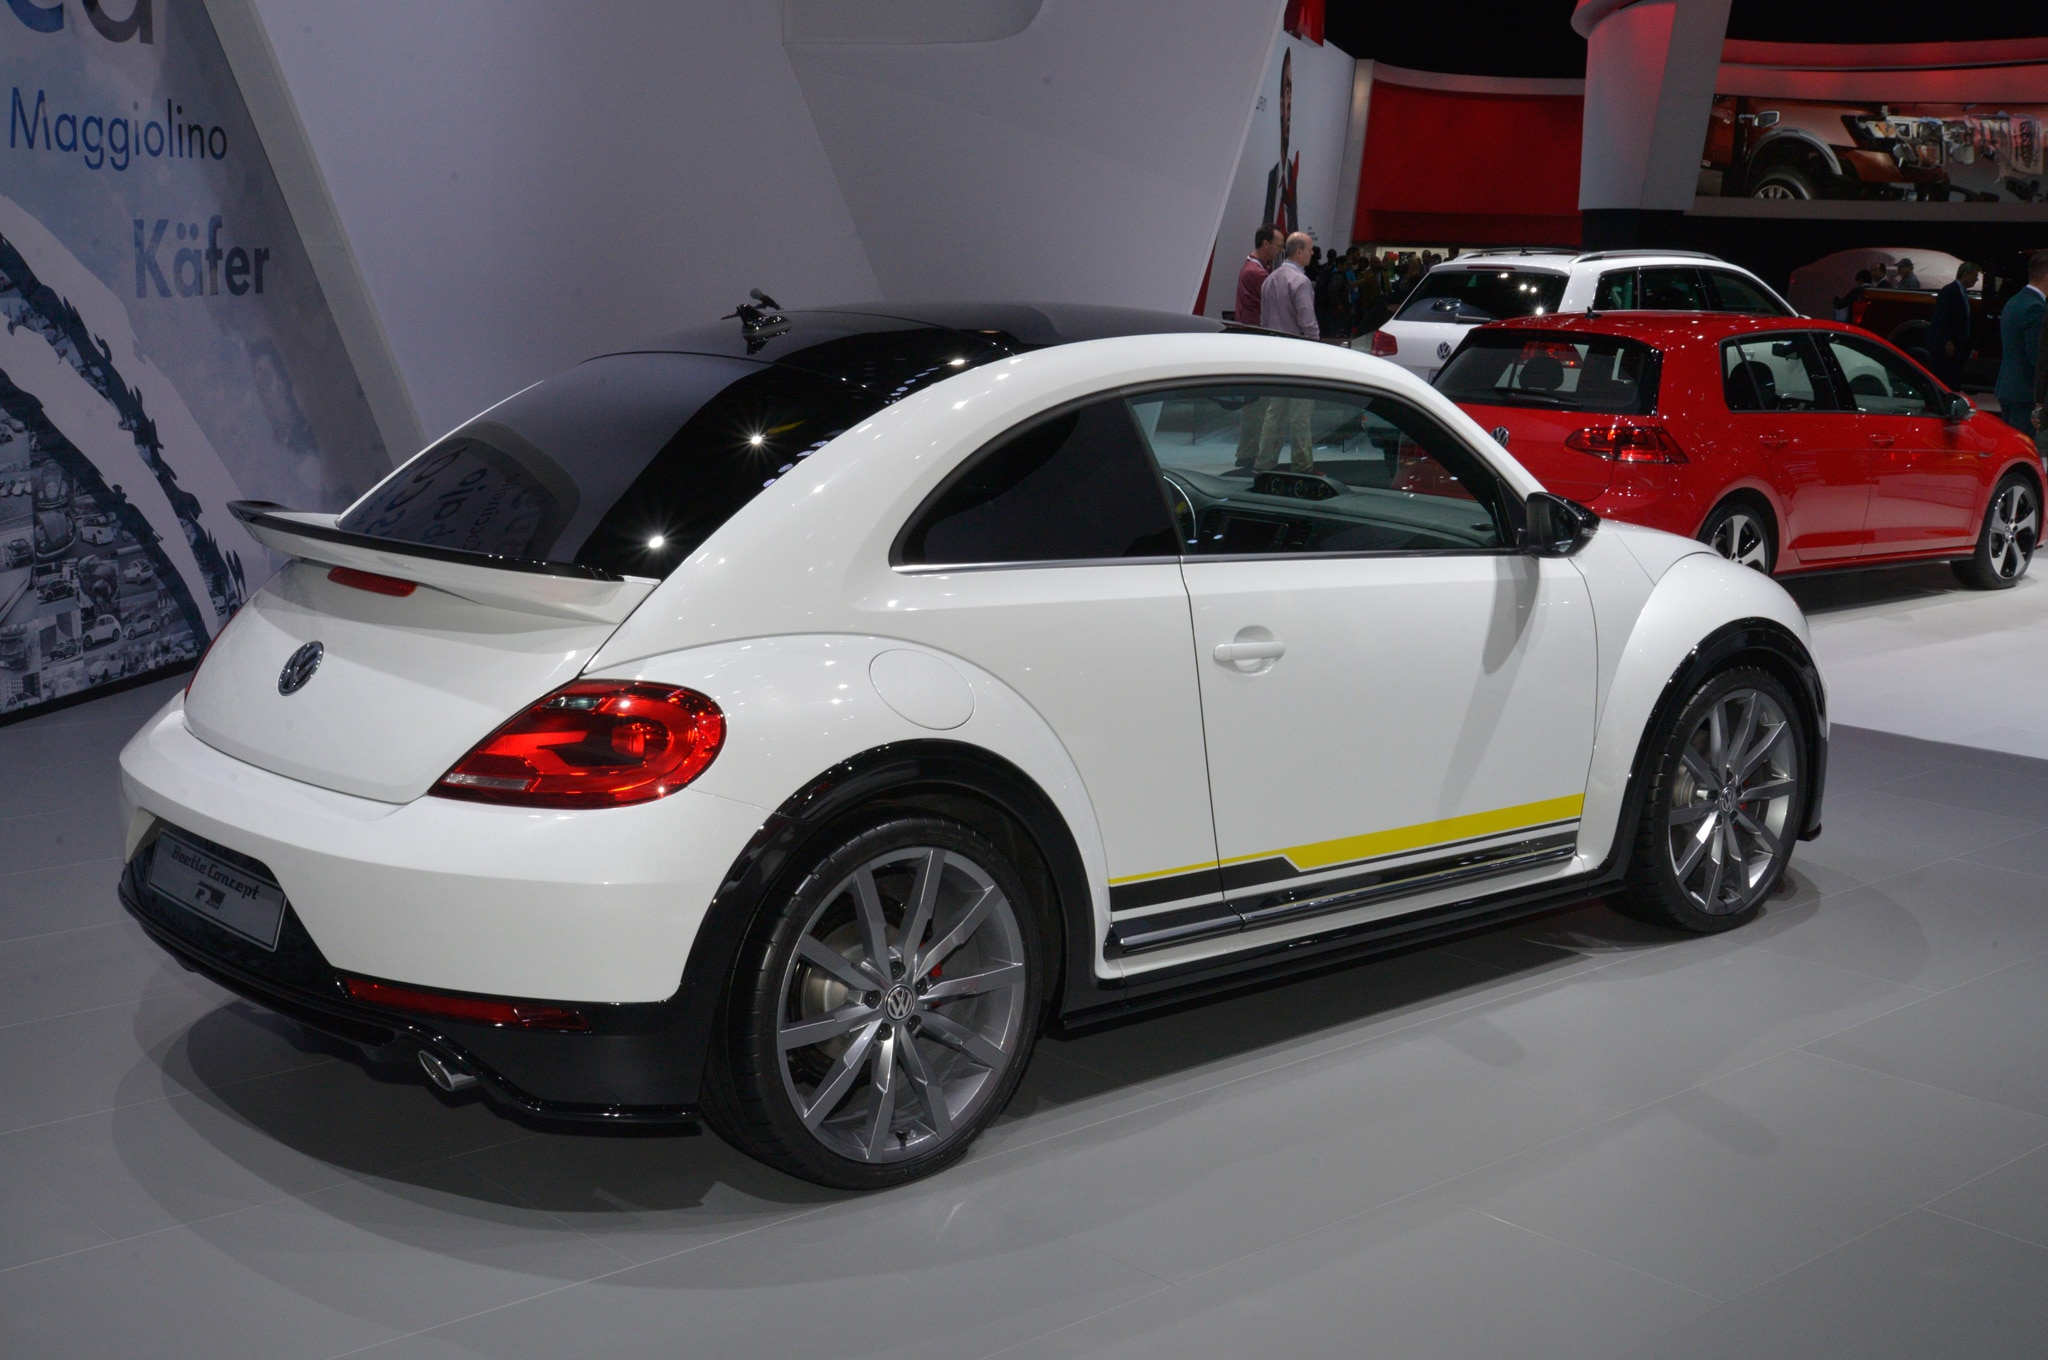 volkswagen beetle 2015 pink. show more volkswagen beetle 2015 pink